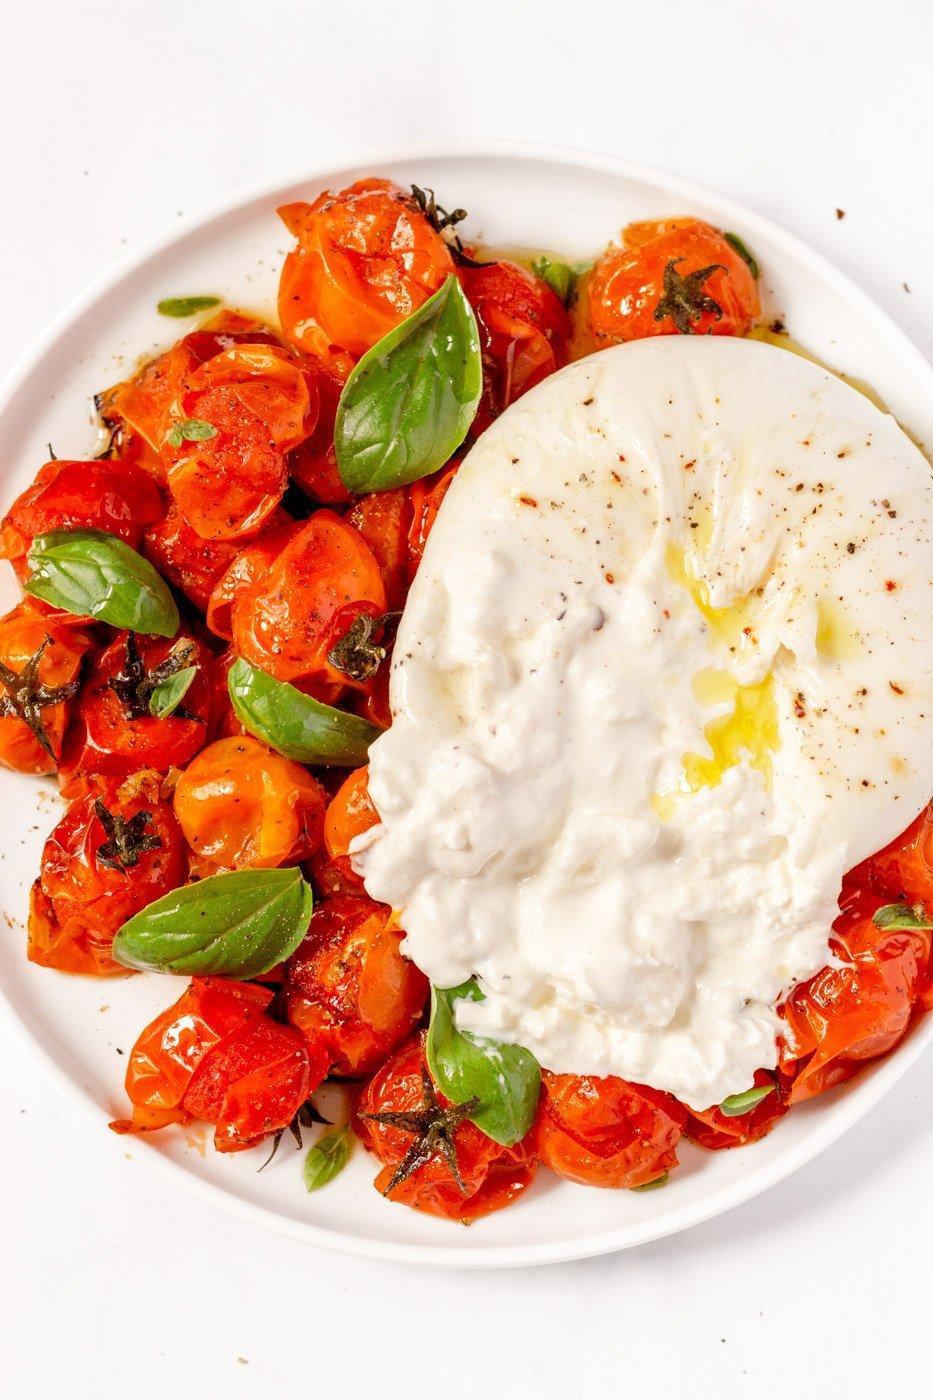 italian burrata salad with tomatoes